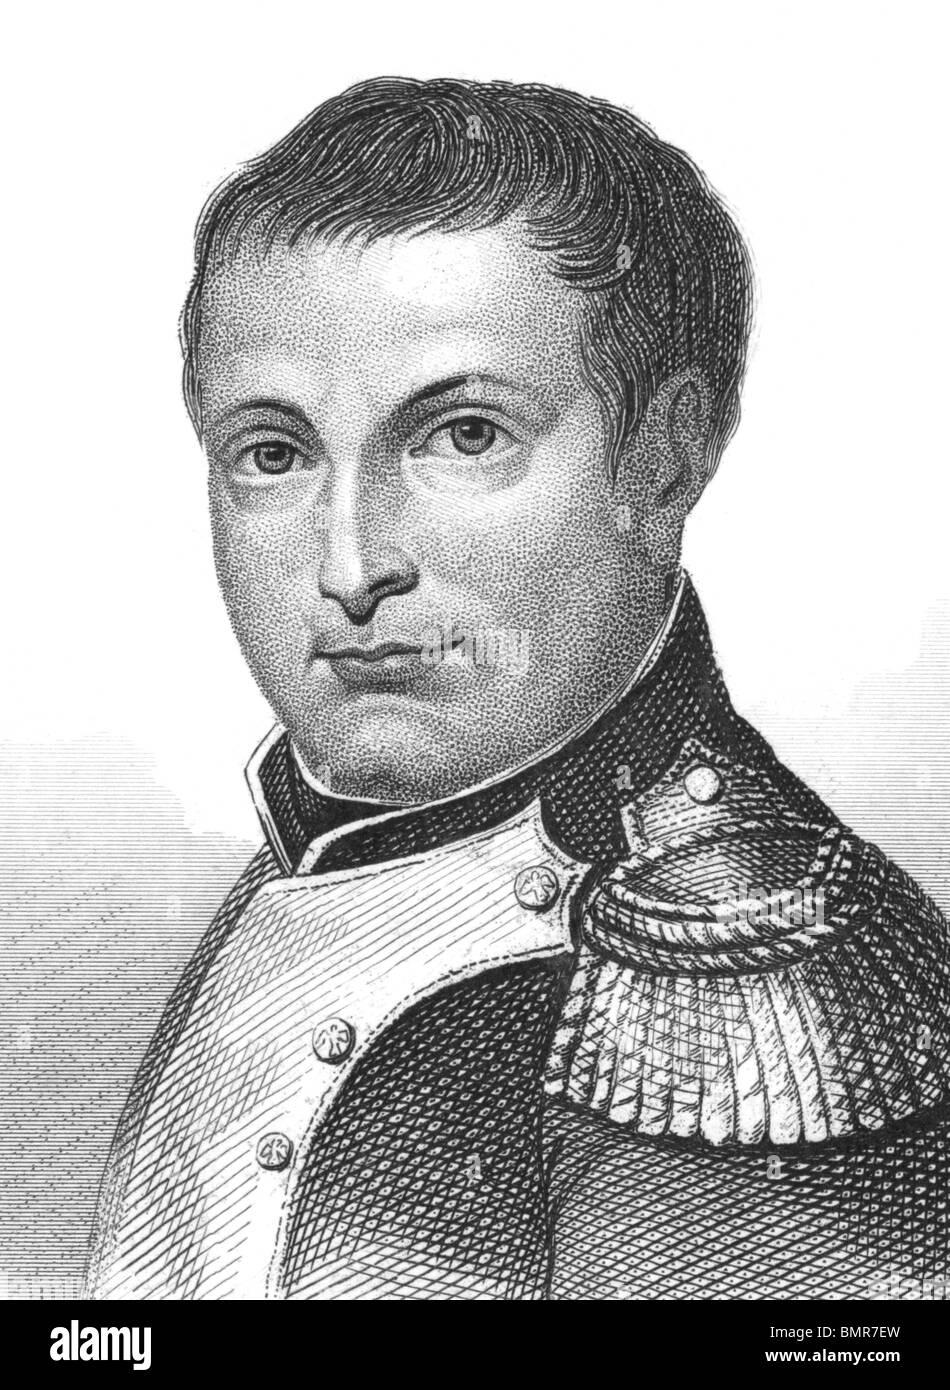 Napoleón Bonaparte (1769-1821) sobre el grabado desde los 1800s. El emperador de Francia. Uno de los individuos más brillantes de la historia. Foto de stock